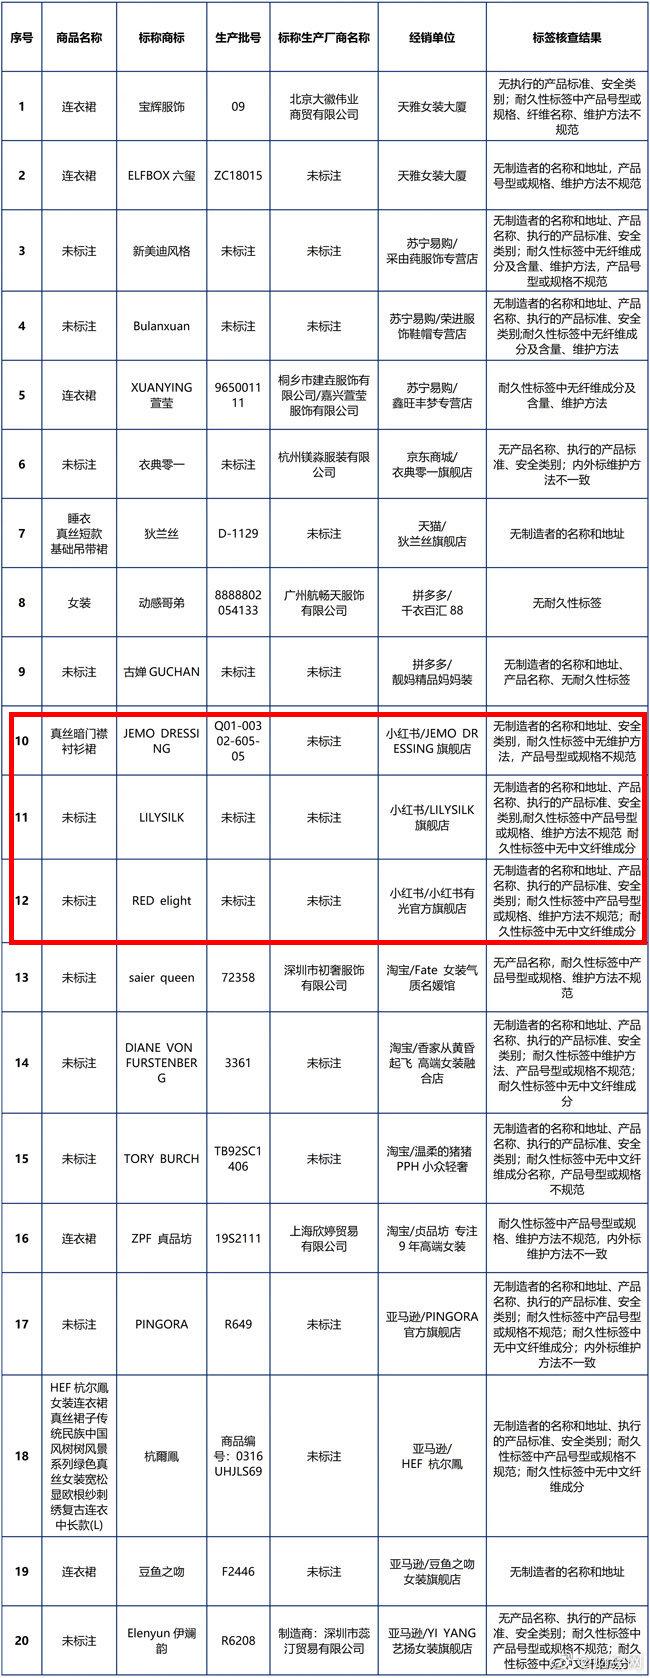 北京消协买100件真丝服装40件不达标,小红书样品全部不合格